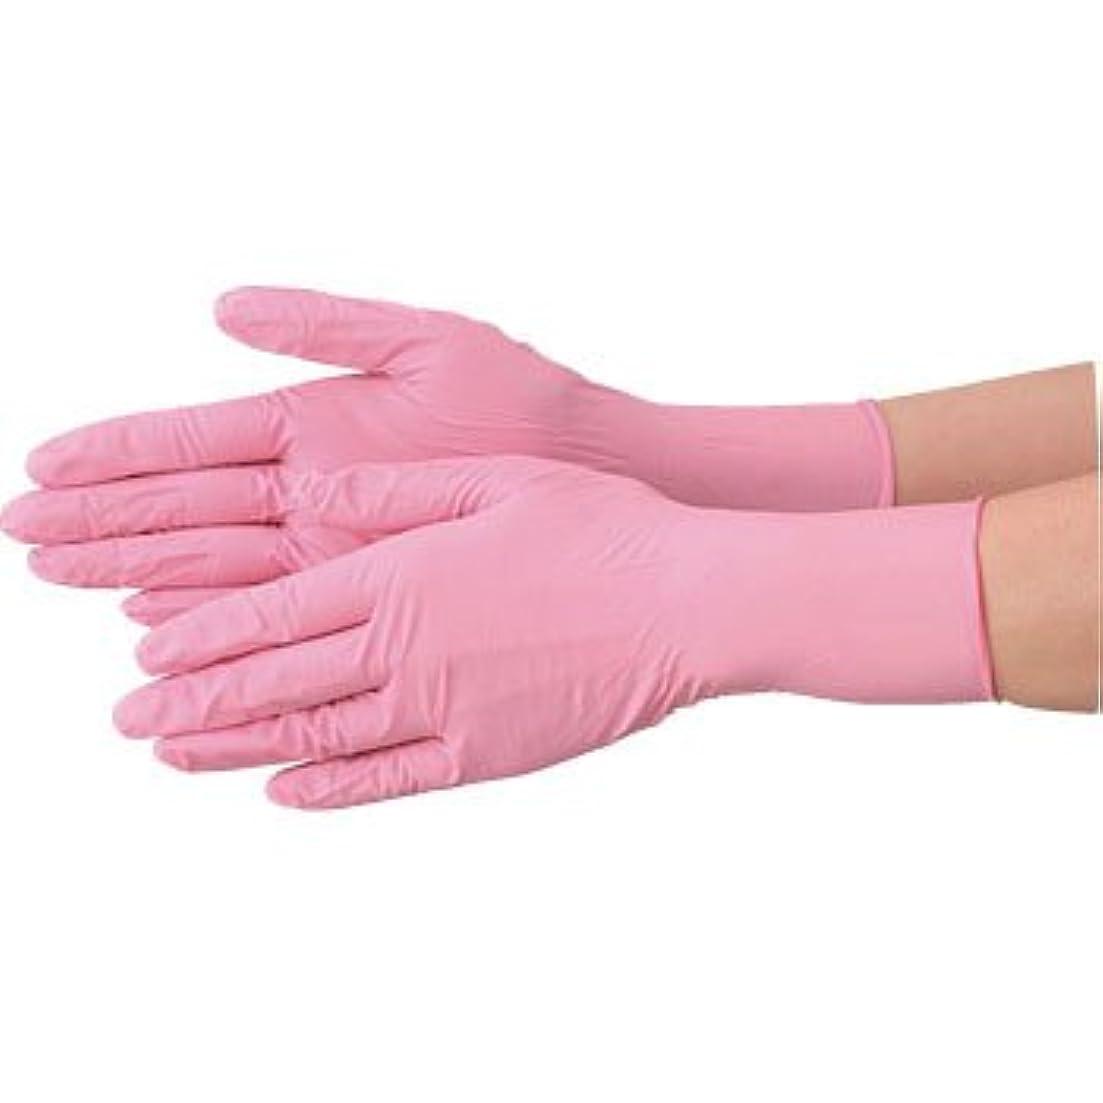 傘亜熱帯箱使い捨て 手袋 エブノ 570 ニトリル ピンク Lサイズ パウダーフリー 2ケース(100枚×60箱)